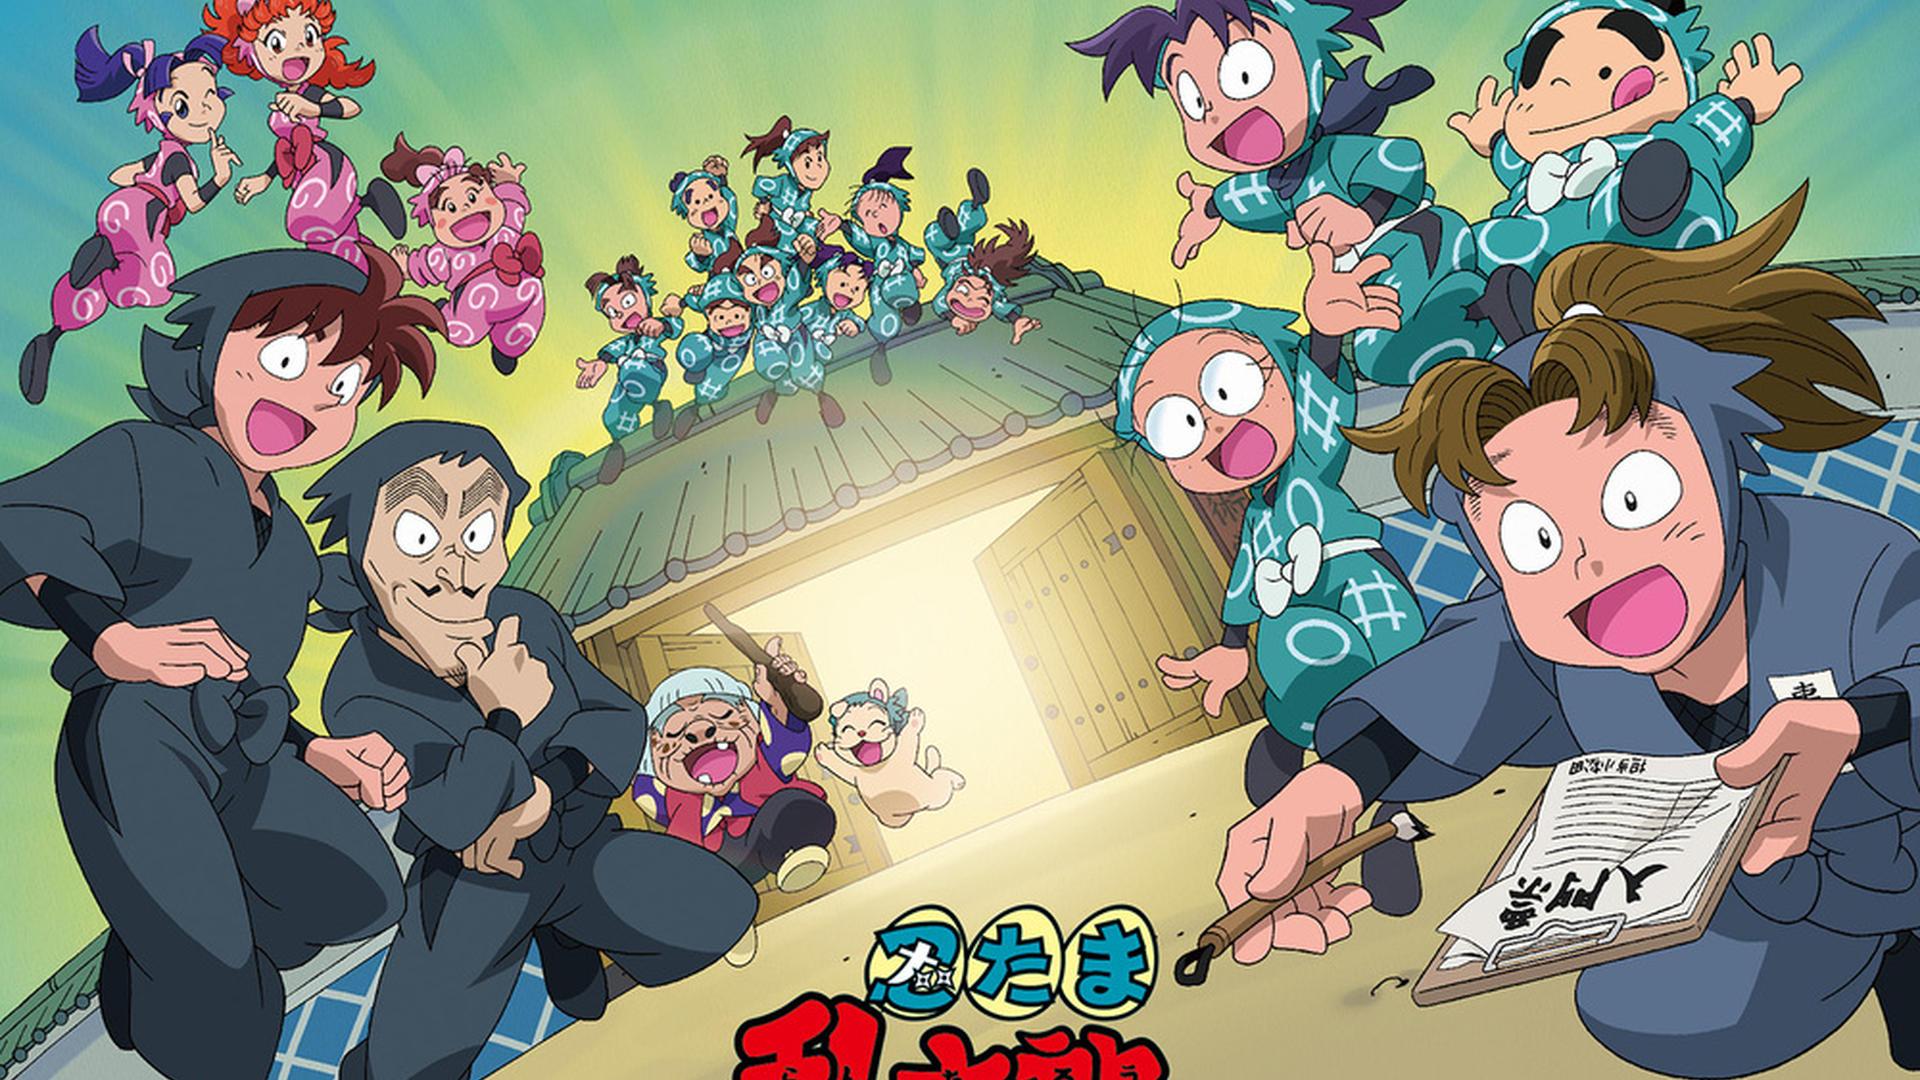 横浜に 忍たま乱太郎ショップ 期間限定オープン Nhkキャラクターグッズのお店に登場 Holiday ホリデー